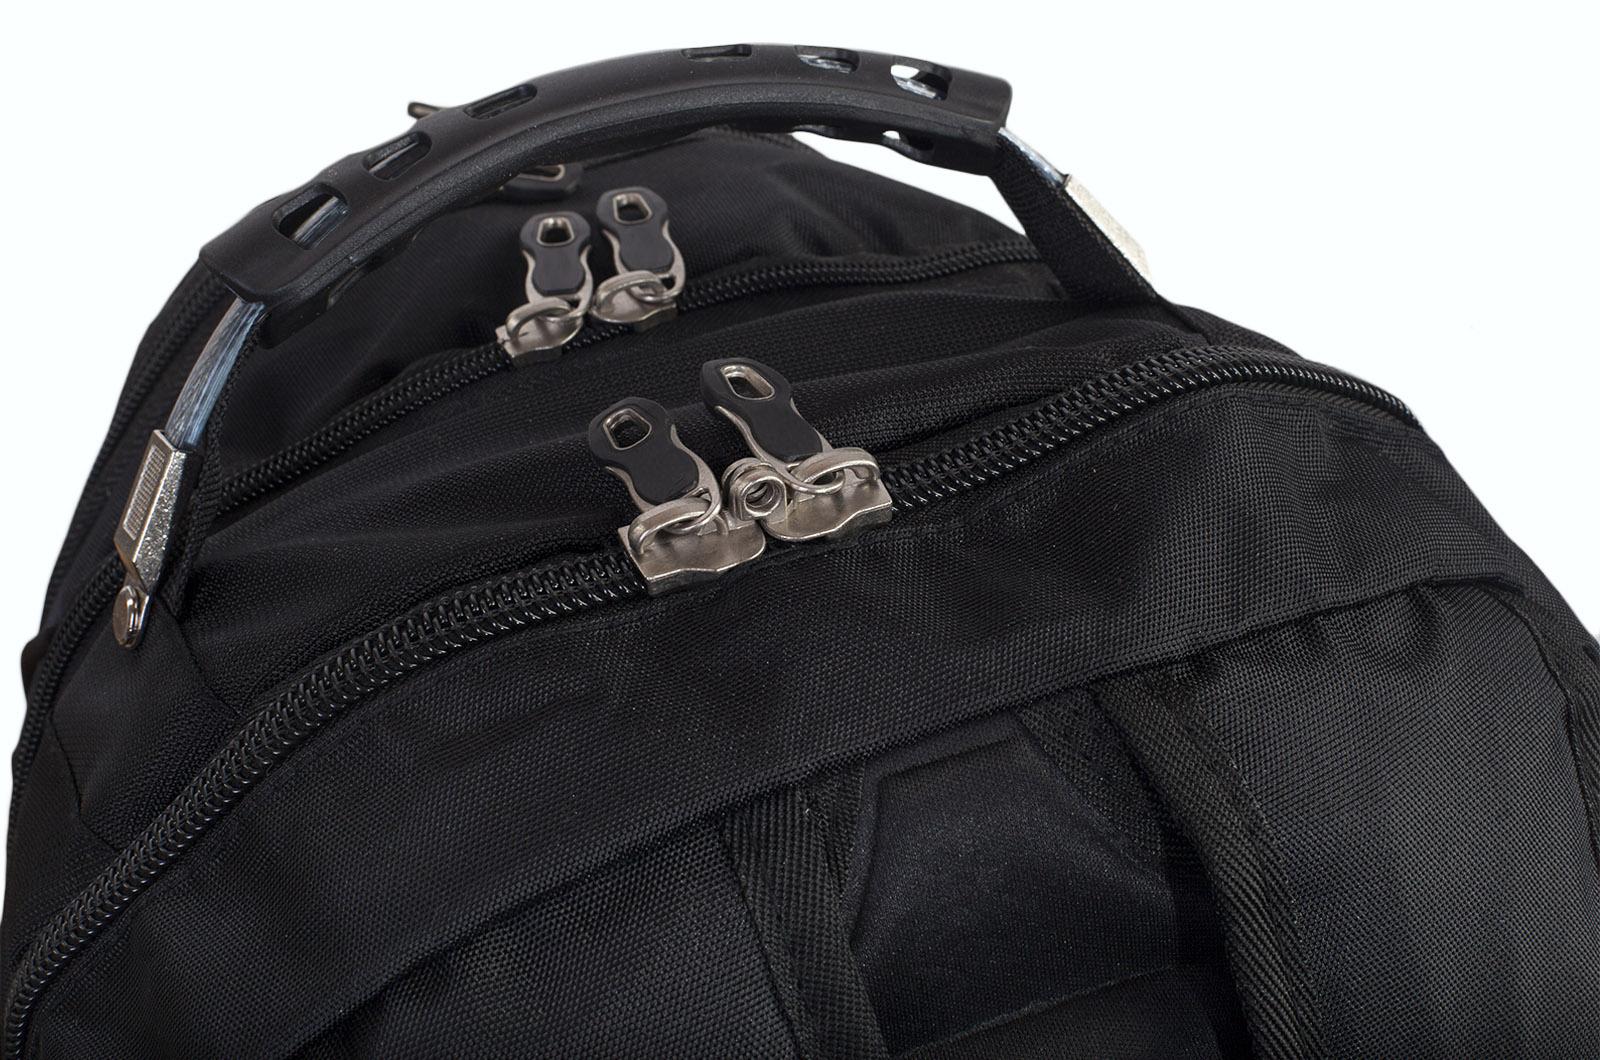 Функциональный городской рюкзак с нашивкой РВиА купить по приемлемой цене